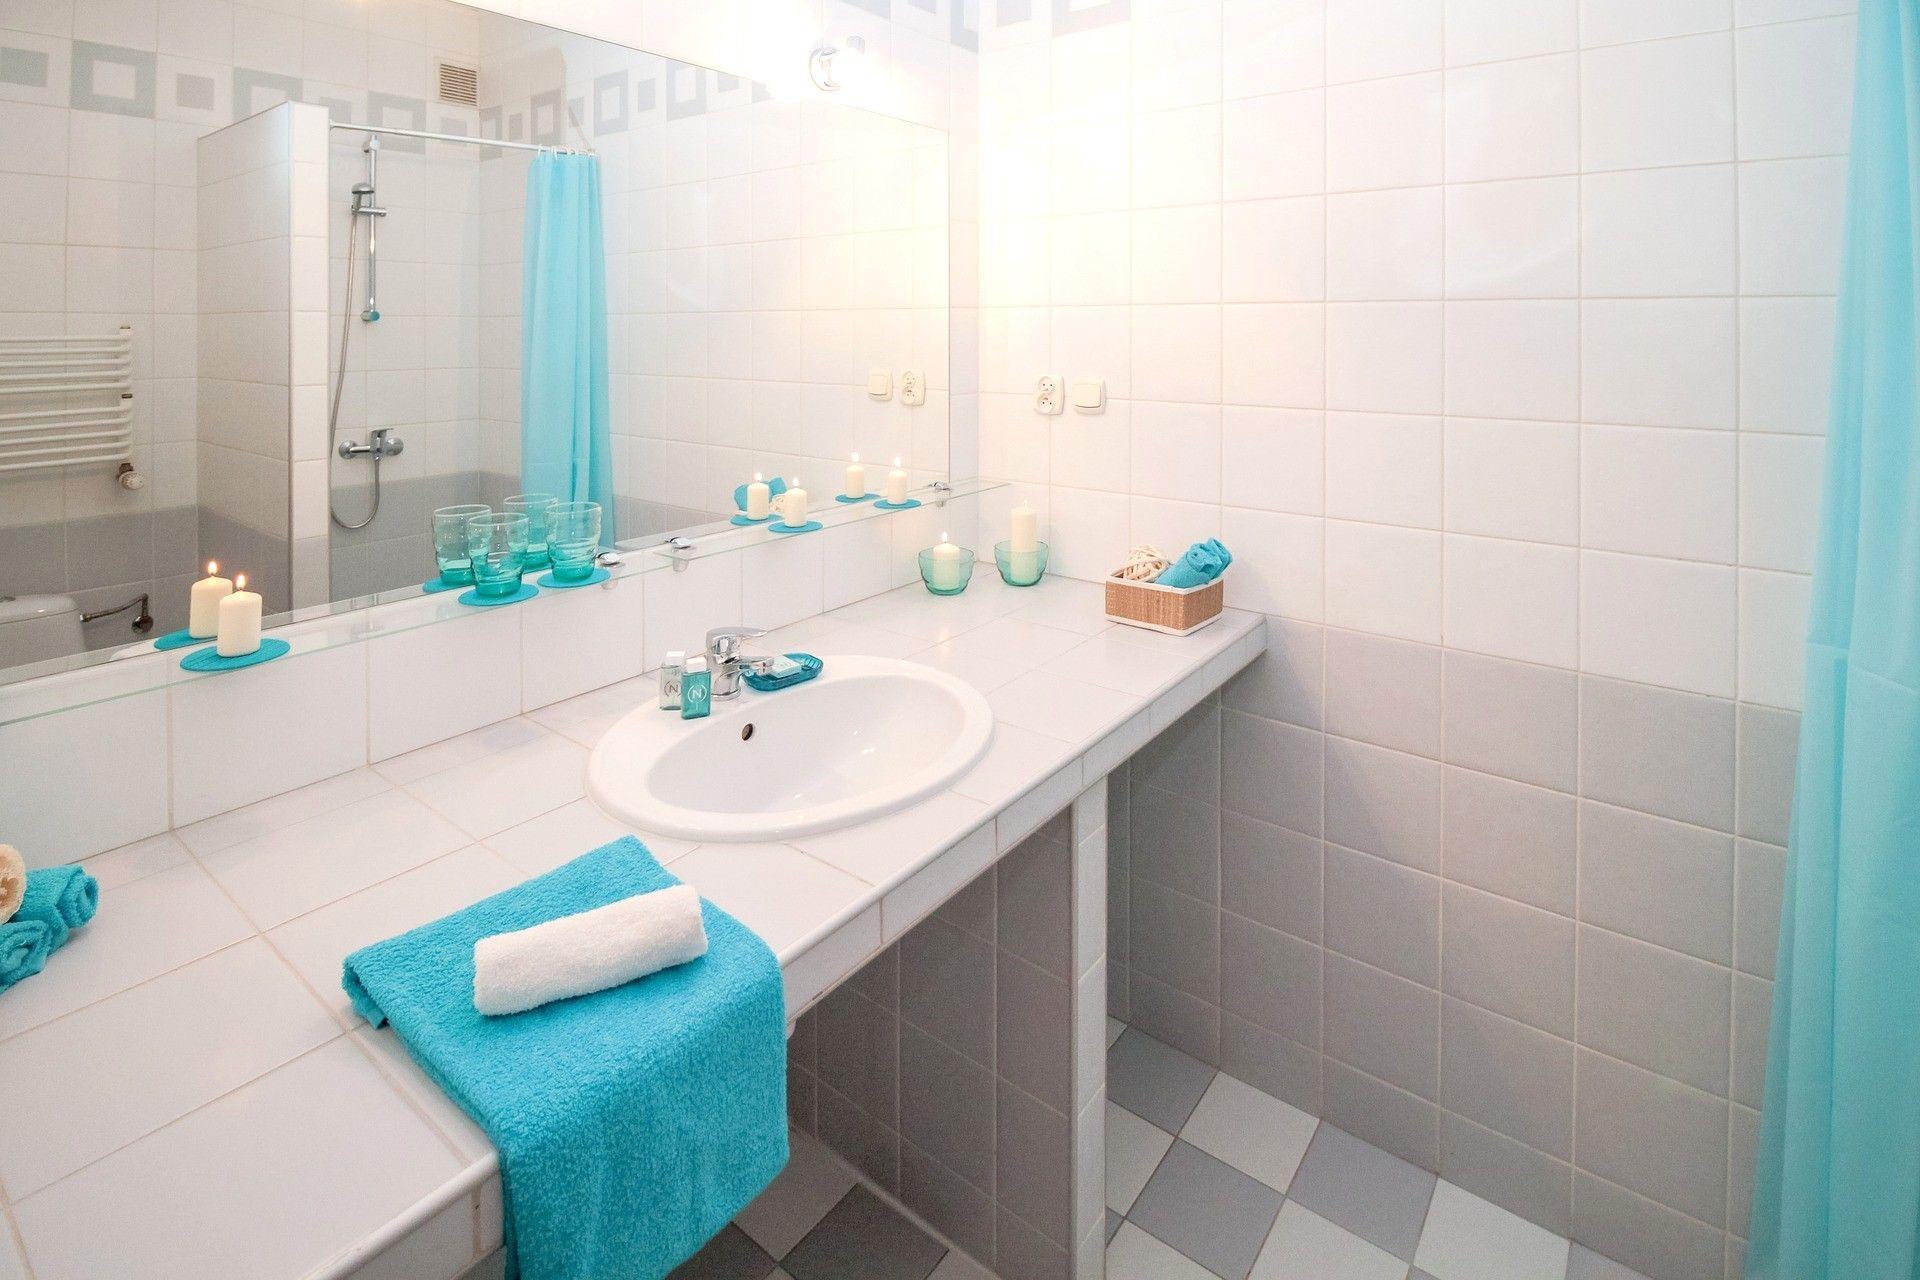 Ristrutturare Bagno Piccolo E Stretto : Ristrutturare bagno piccolo e stretto spazi ristretti idee per